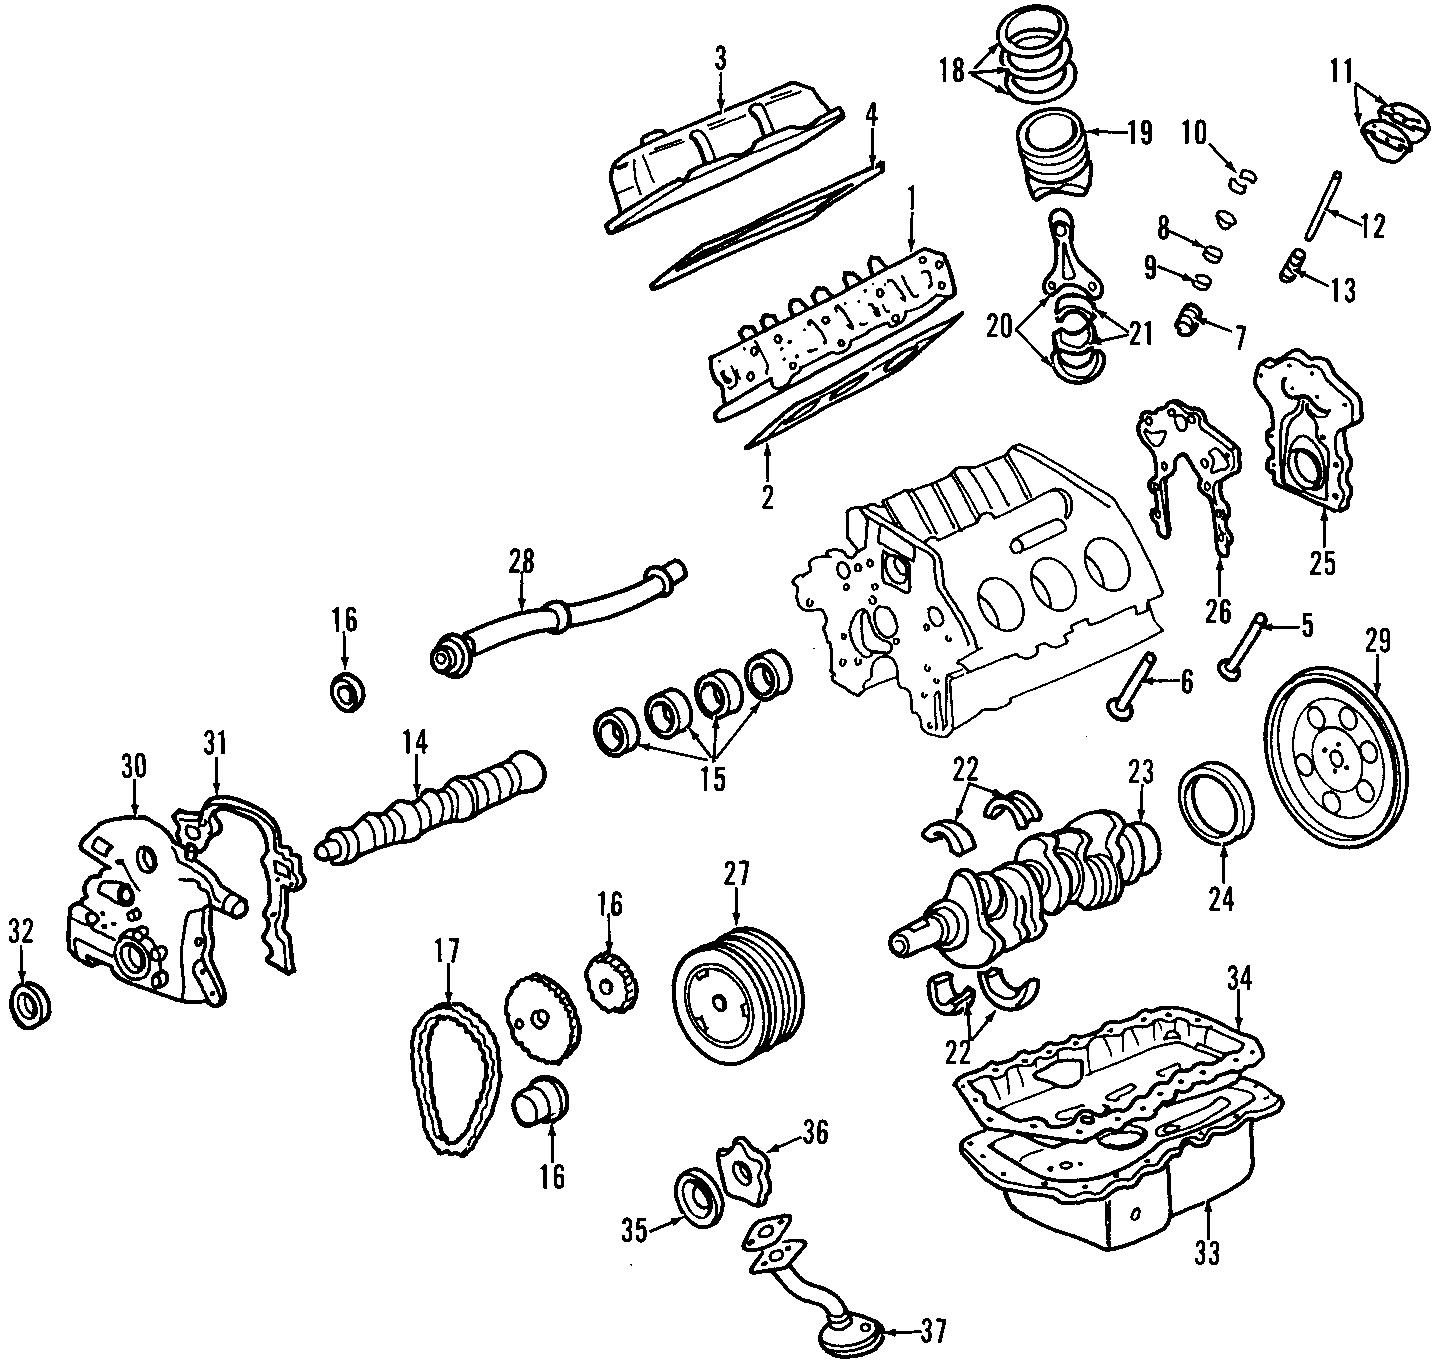 Chevrolet Camaro Engine Rocker Arm Models Supercharger